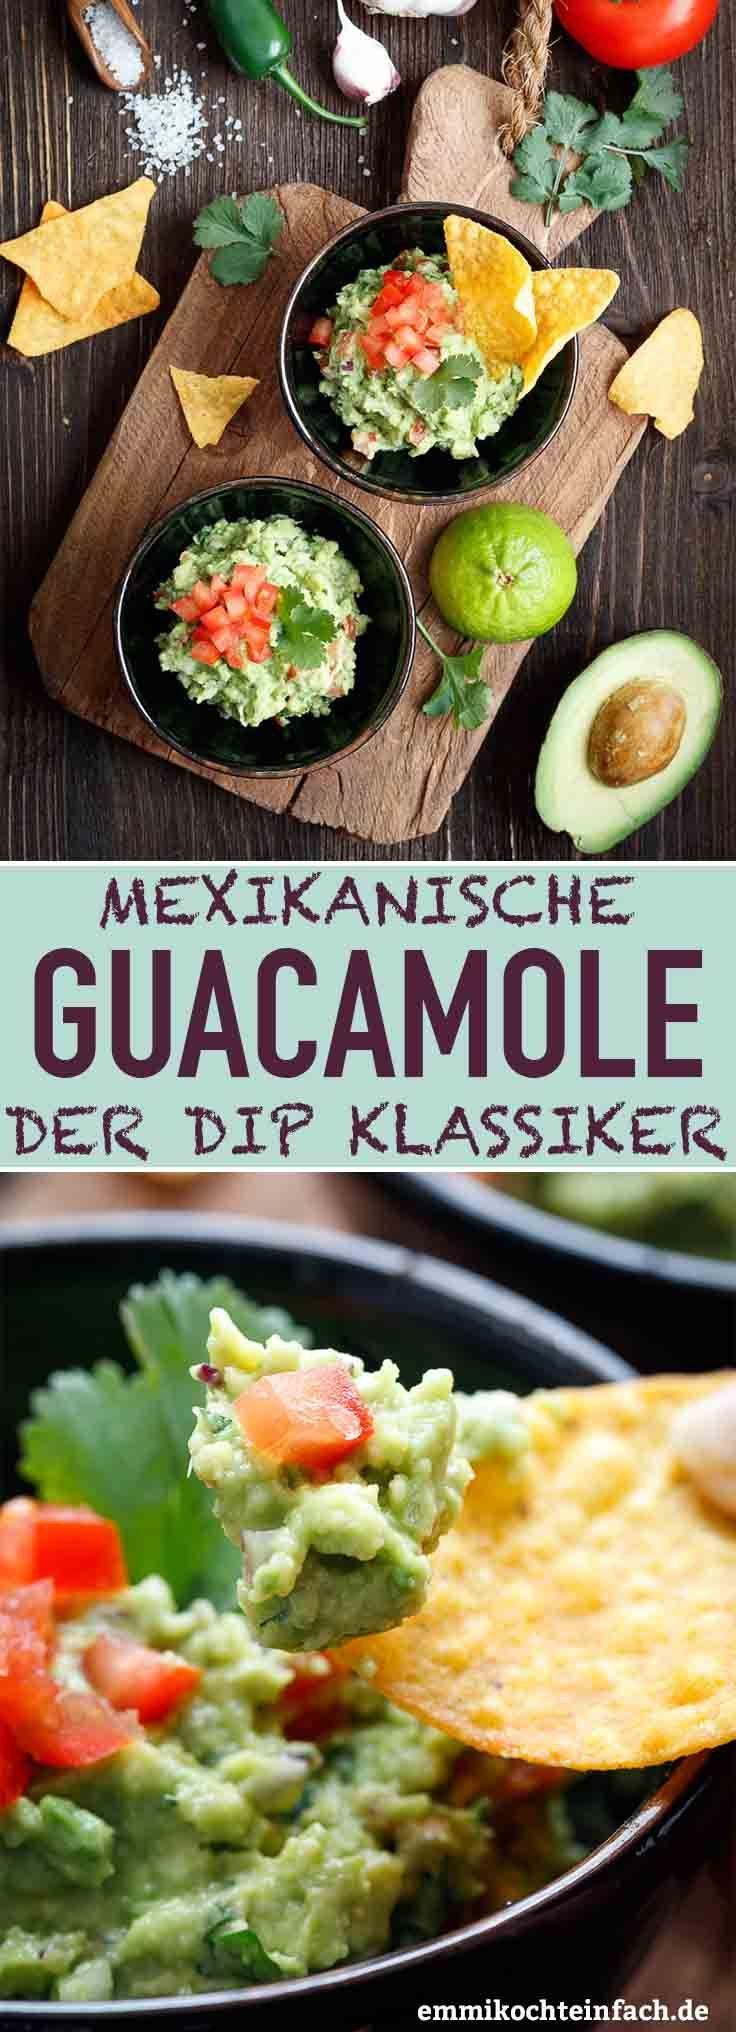 Mexikanische Guacamole - Der einfache Dip-Klassiker #schnellepartyrezepte